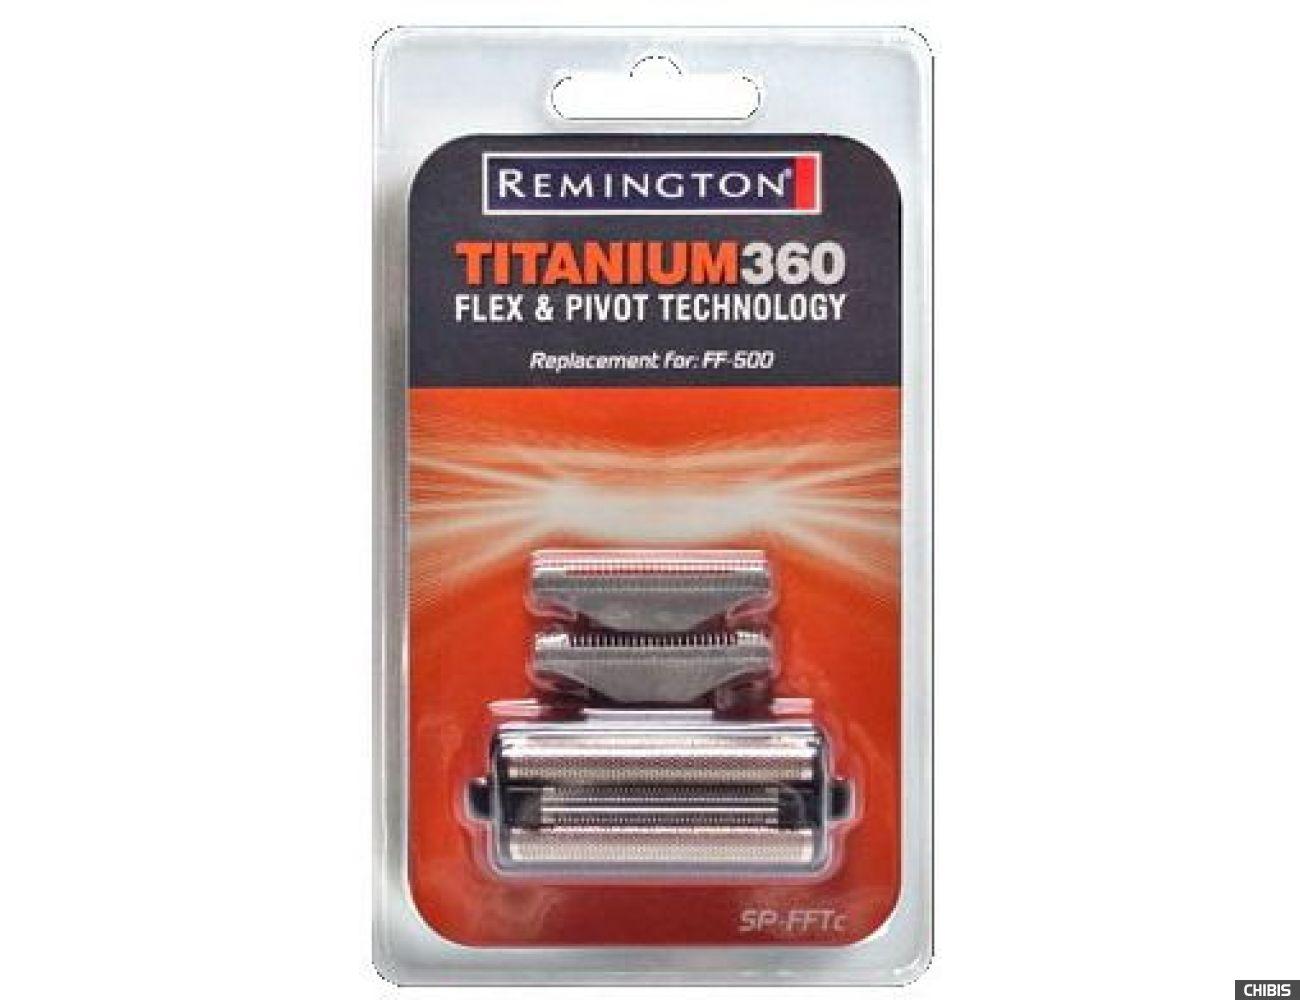 Сетка и режущий блок Remington SPFFTc Titanium 360 (44086530400) для FF-500